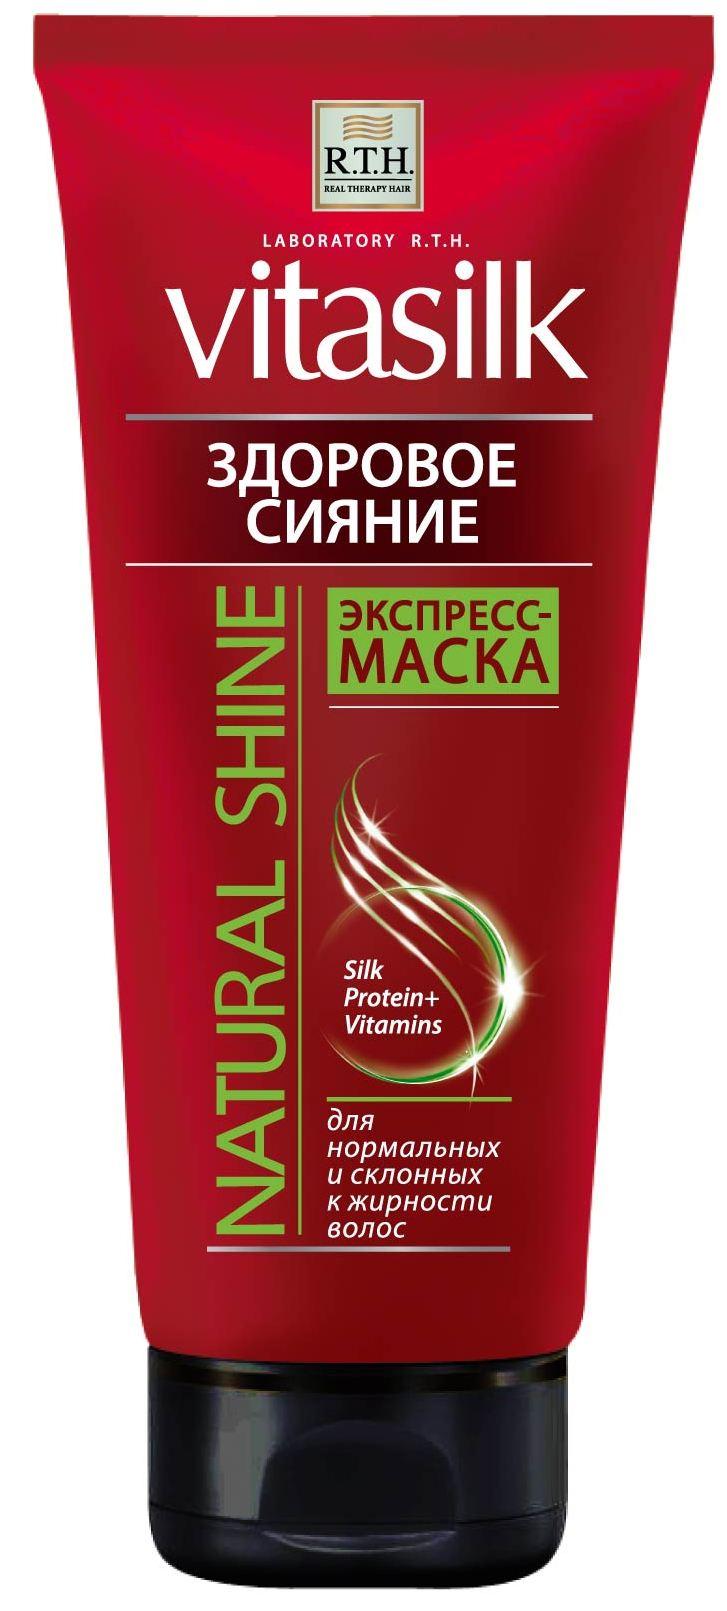 лучшая цена Маска для волос R.T.H. Vitasilk WOMEN Здоровое сияние